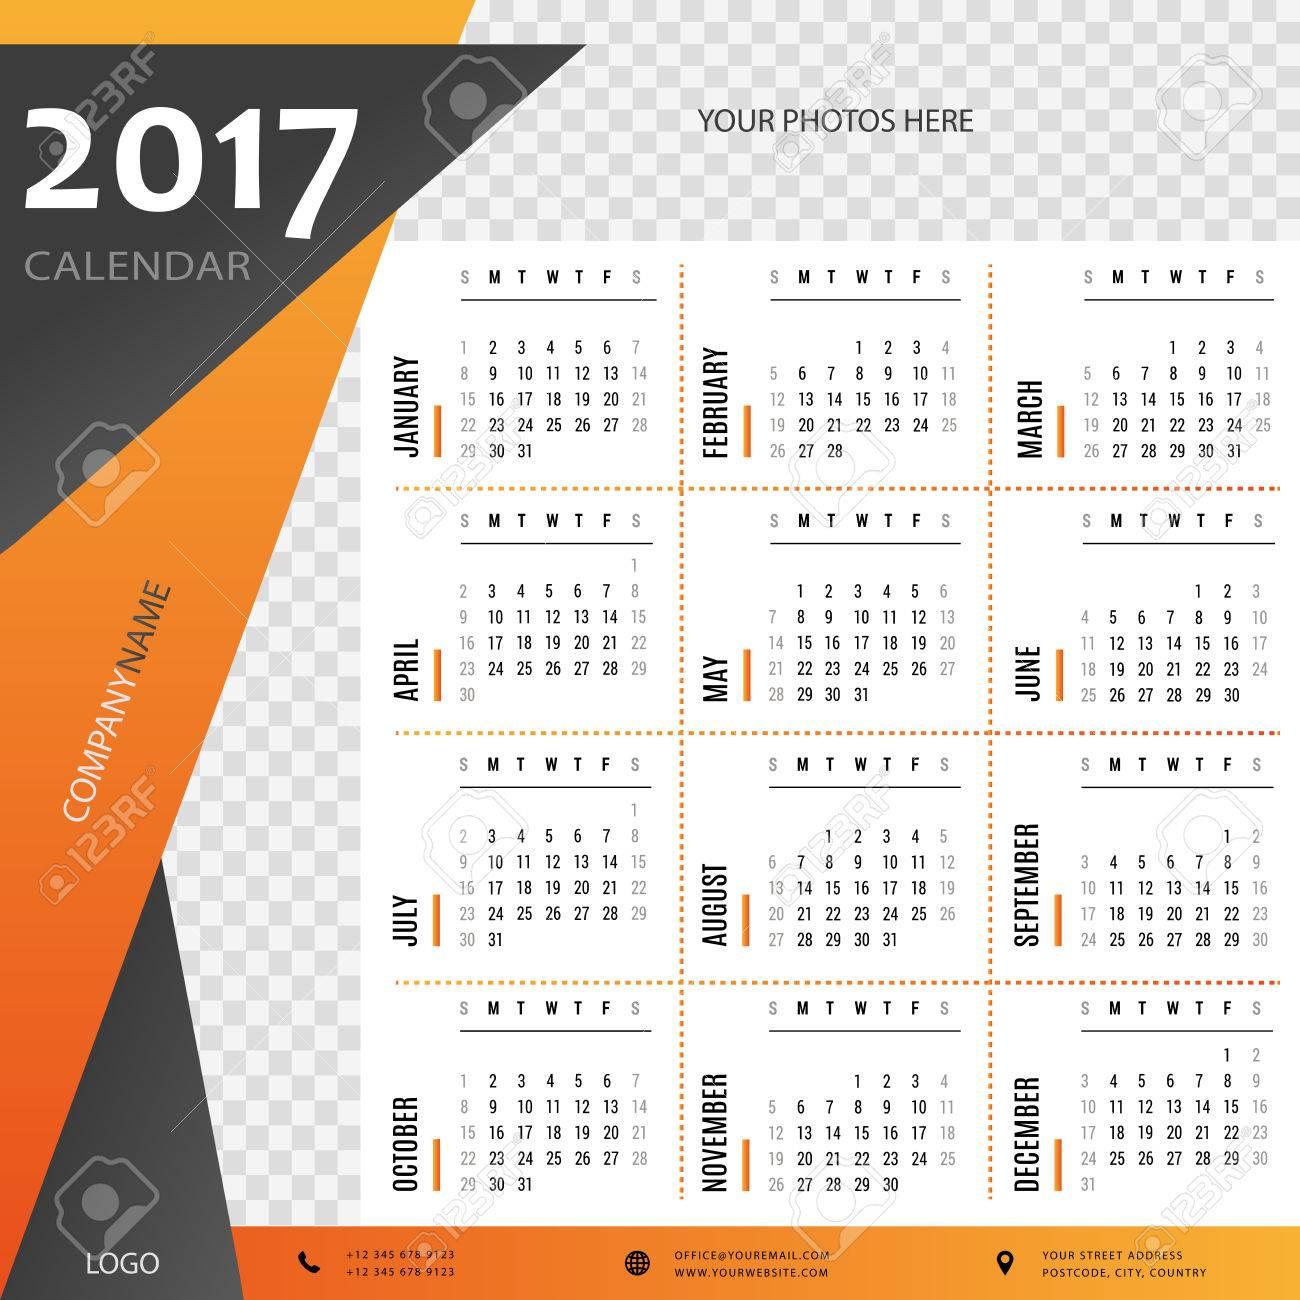 2017 Calendario, Planificador, Organizador Y Programar Las ...